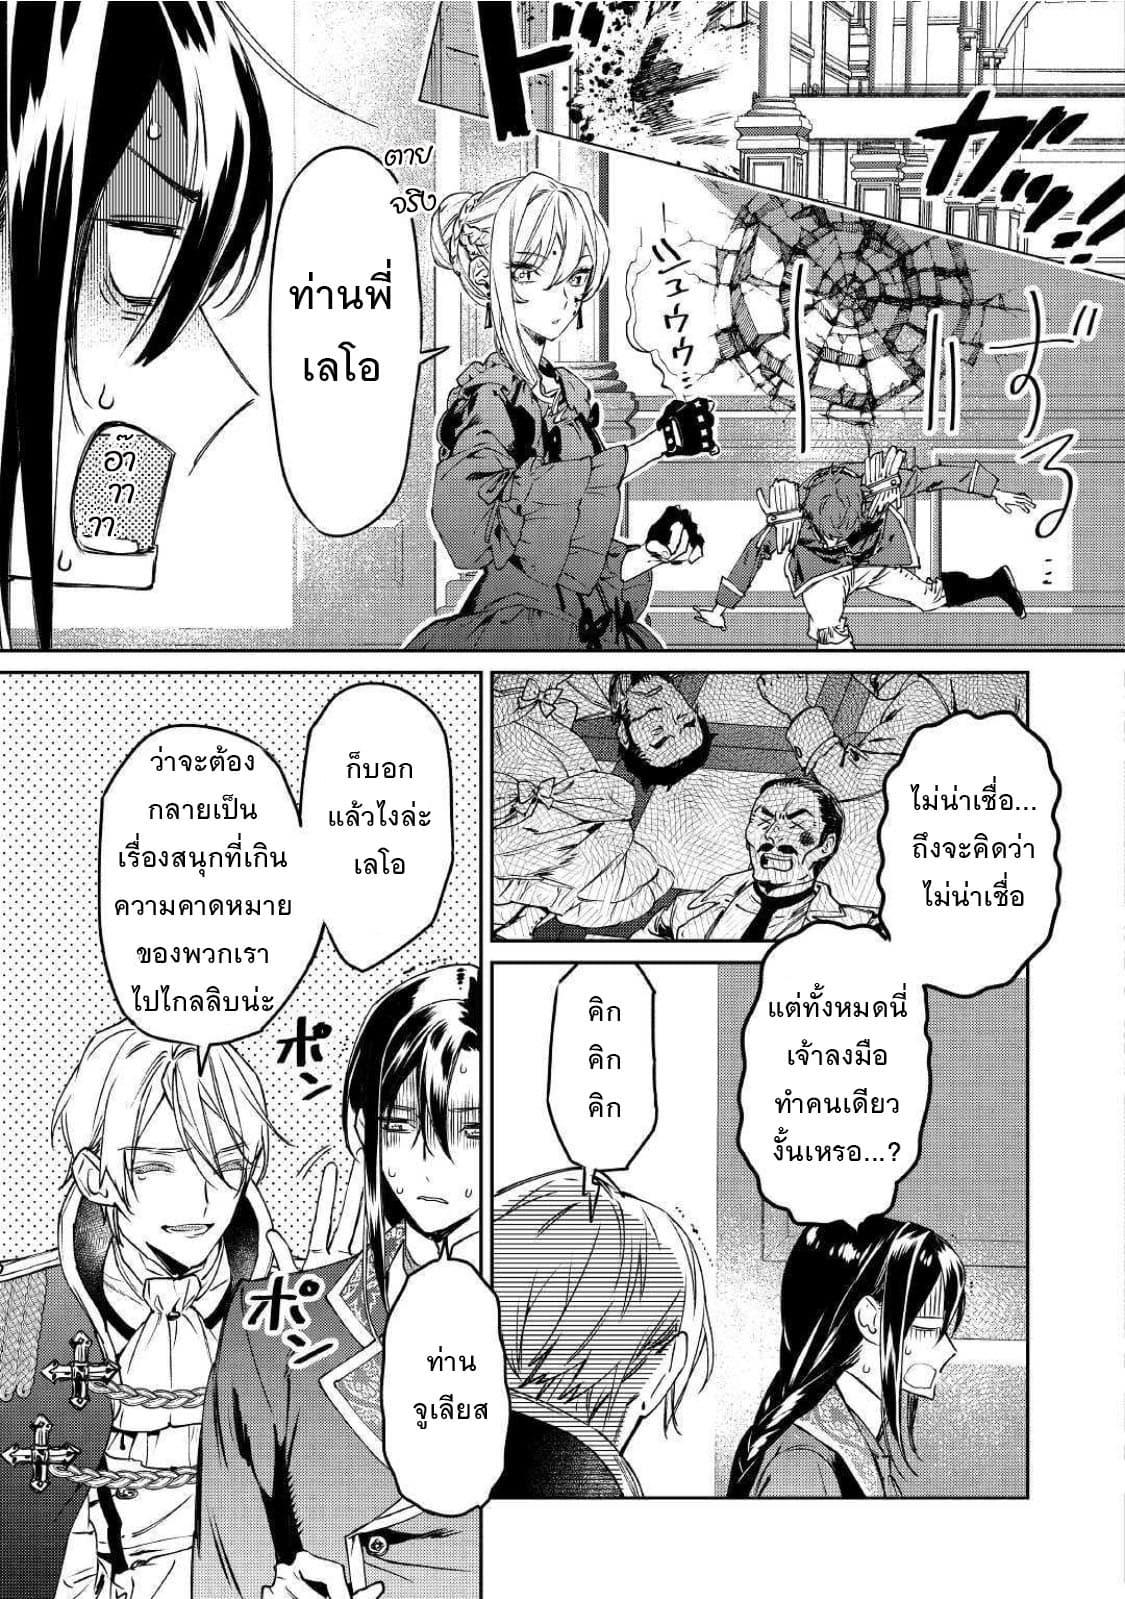 อ่านการ์ตูน Saigo ni Hitotsu Dake Onengai Shitemo Yoroshii Deshouka ตอนที่ 3 หน้าที่ 23